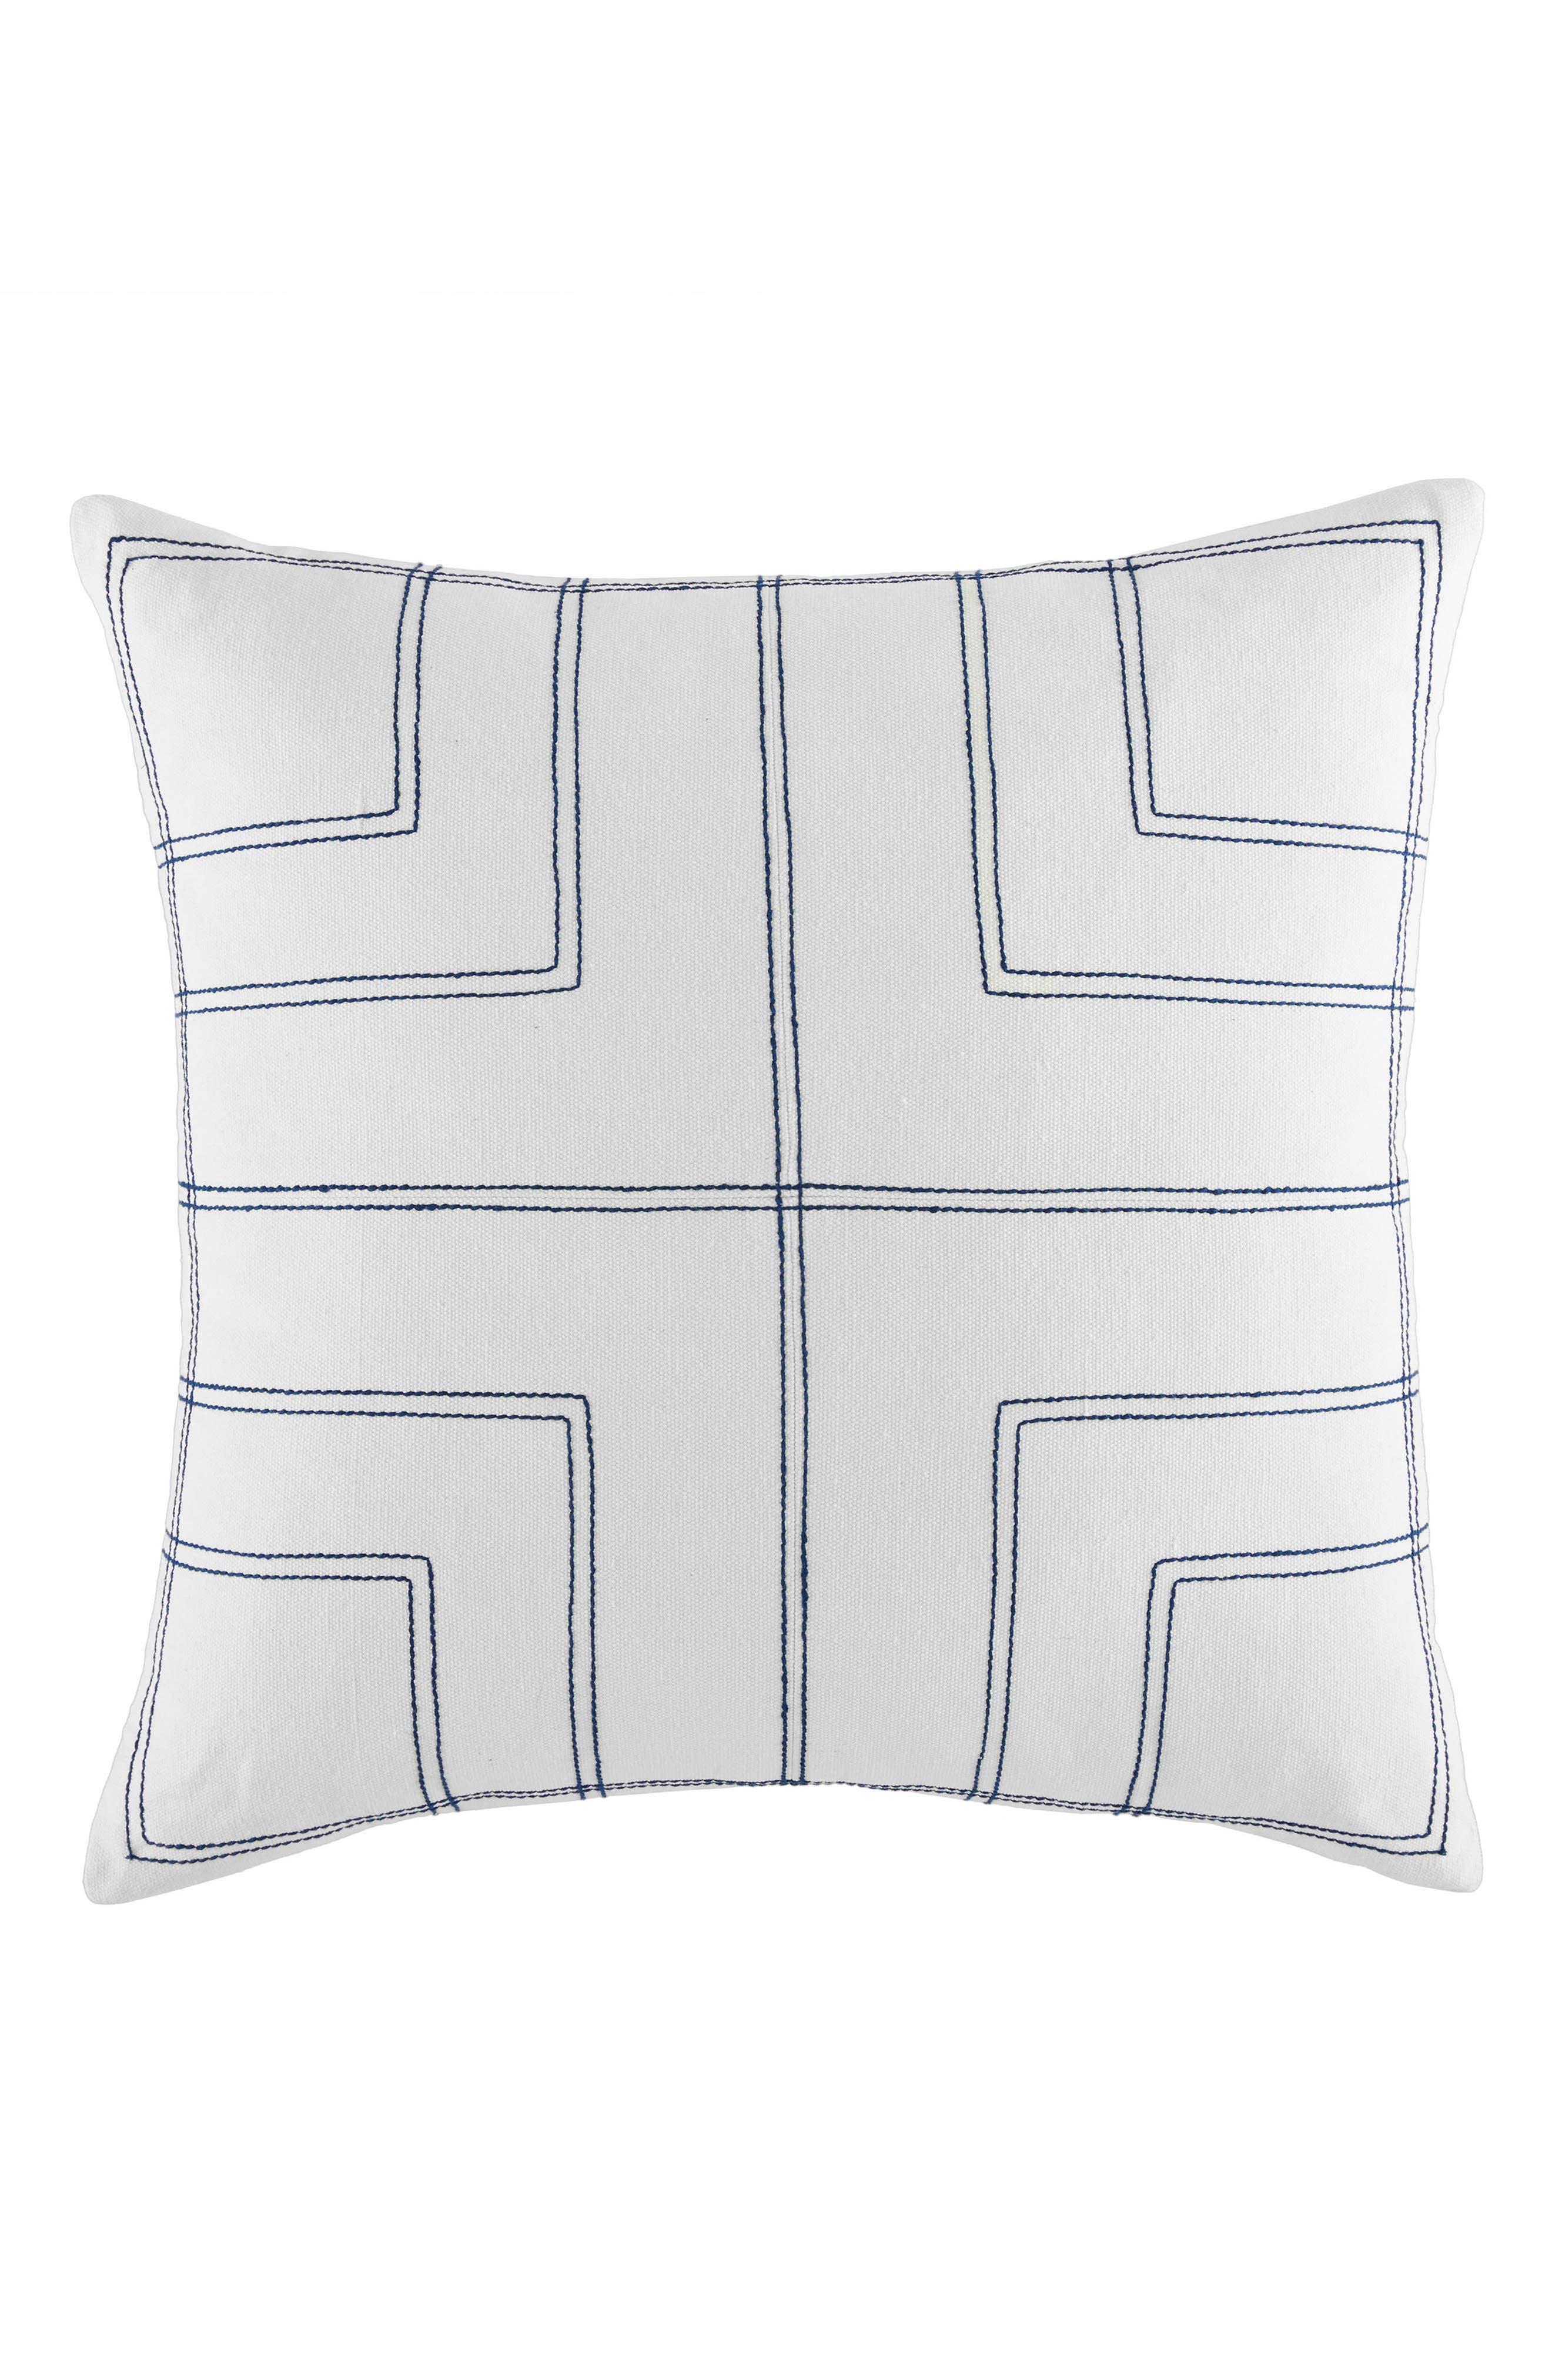 Quadrant Accent Pillow,                             Main thumbnail 1, color,                             100